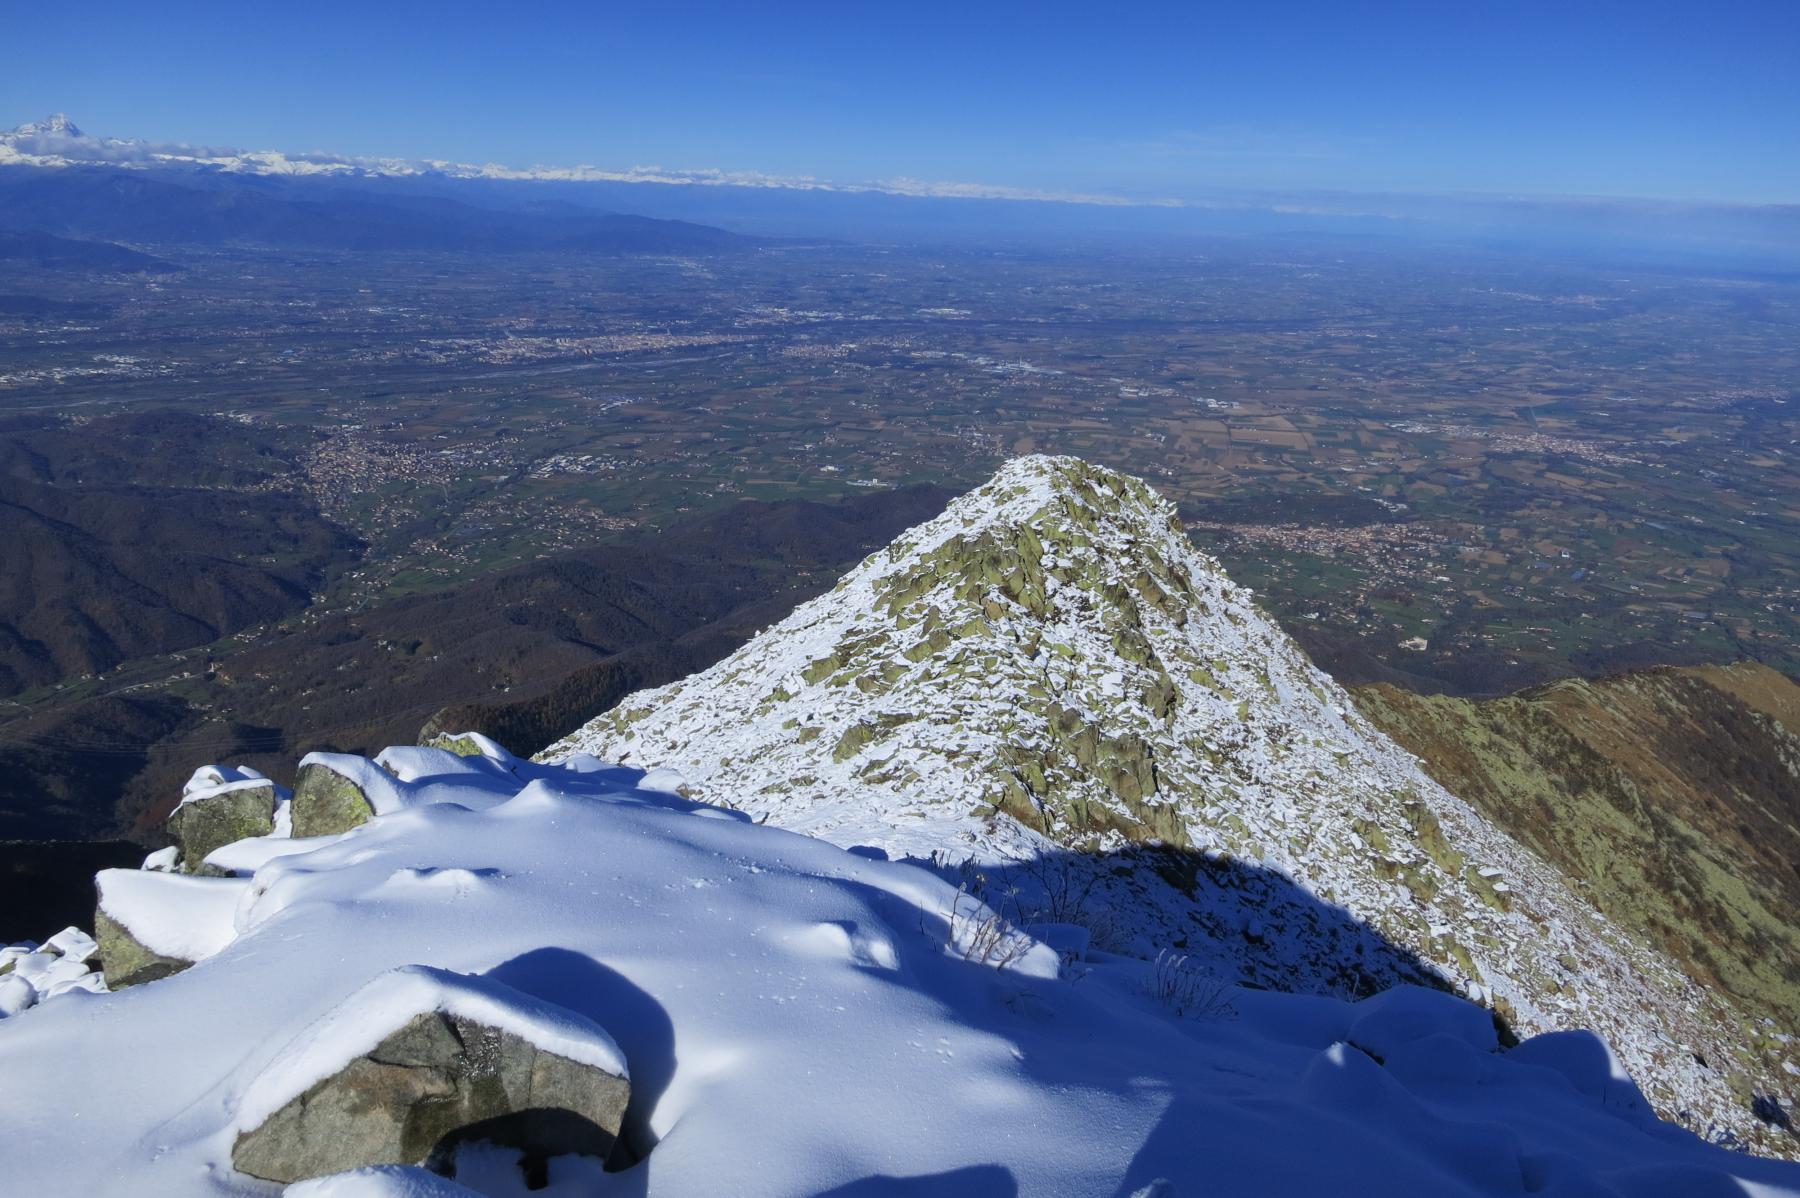 solito eccezionale colpo d'occhio sulla pianura di Cuneo e la cerchia alpina